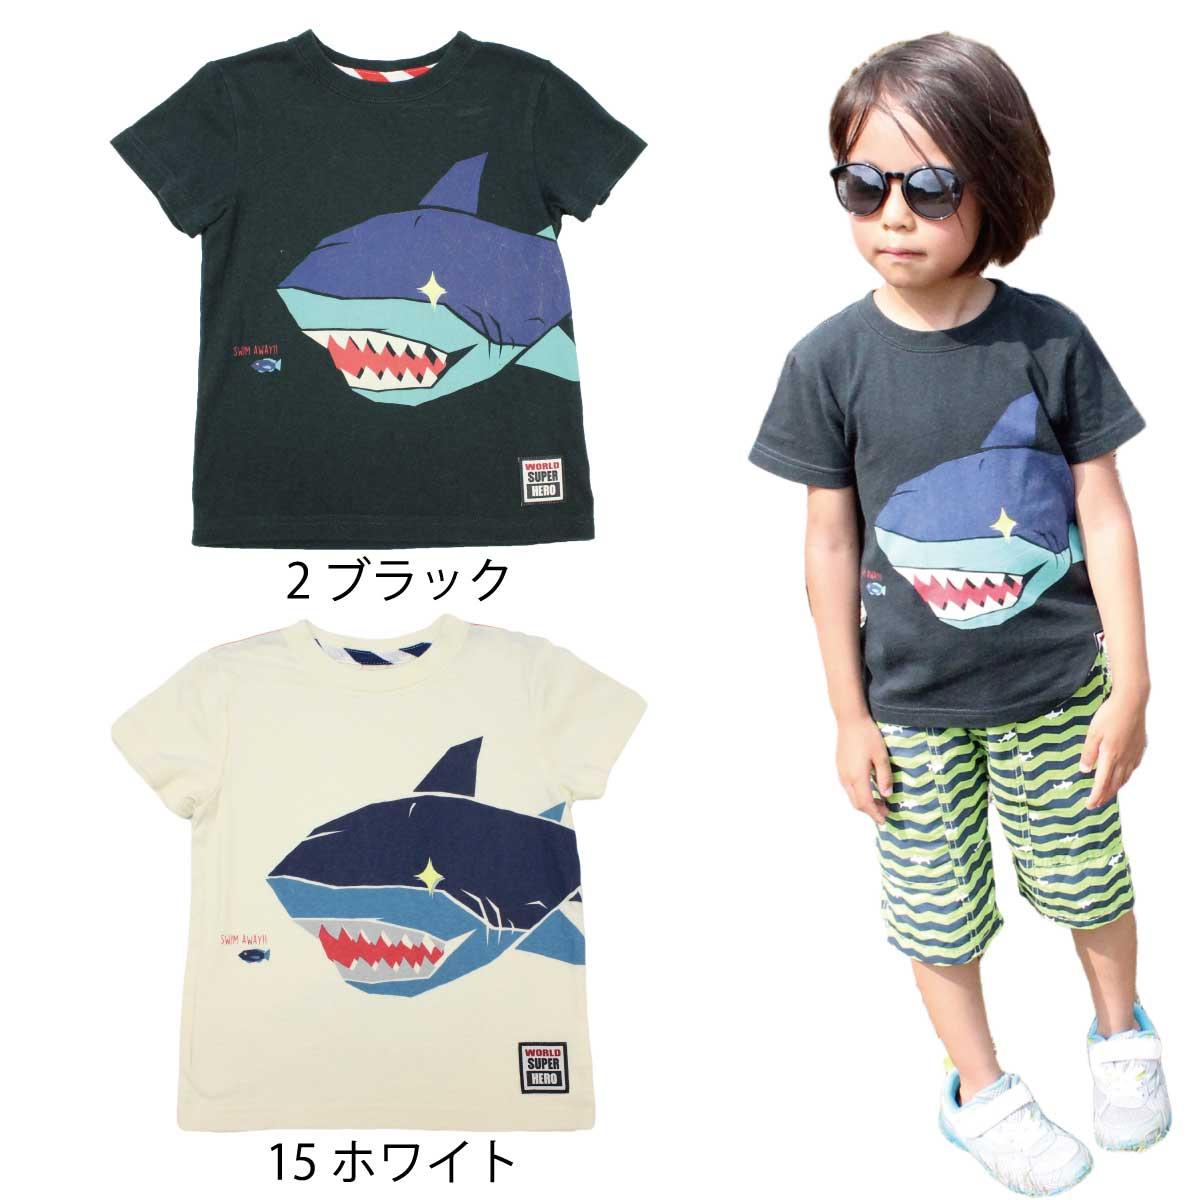 【ネコポス対応】【SiShuNon/FARM】シャークTシャツ ファーム キッズ シャーク サメ スイミー 半袖Tシャツ